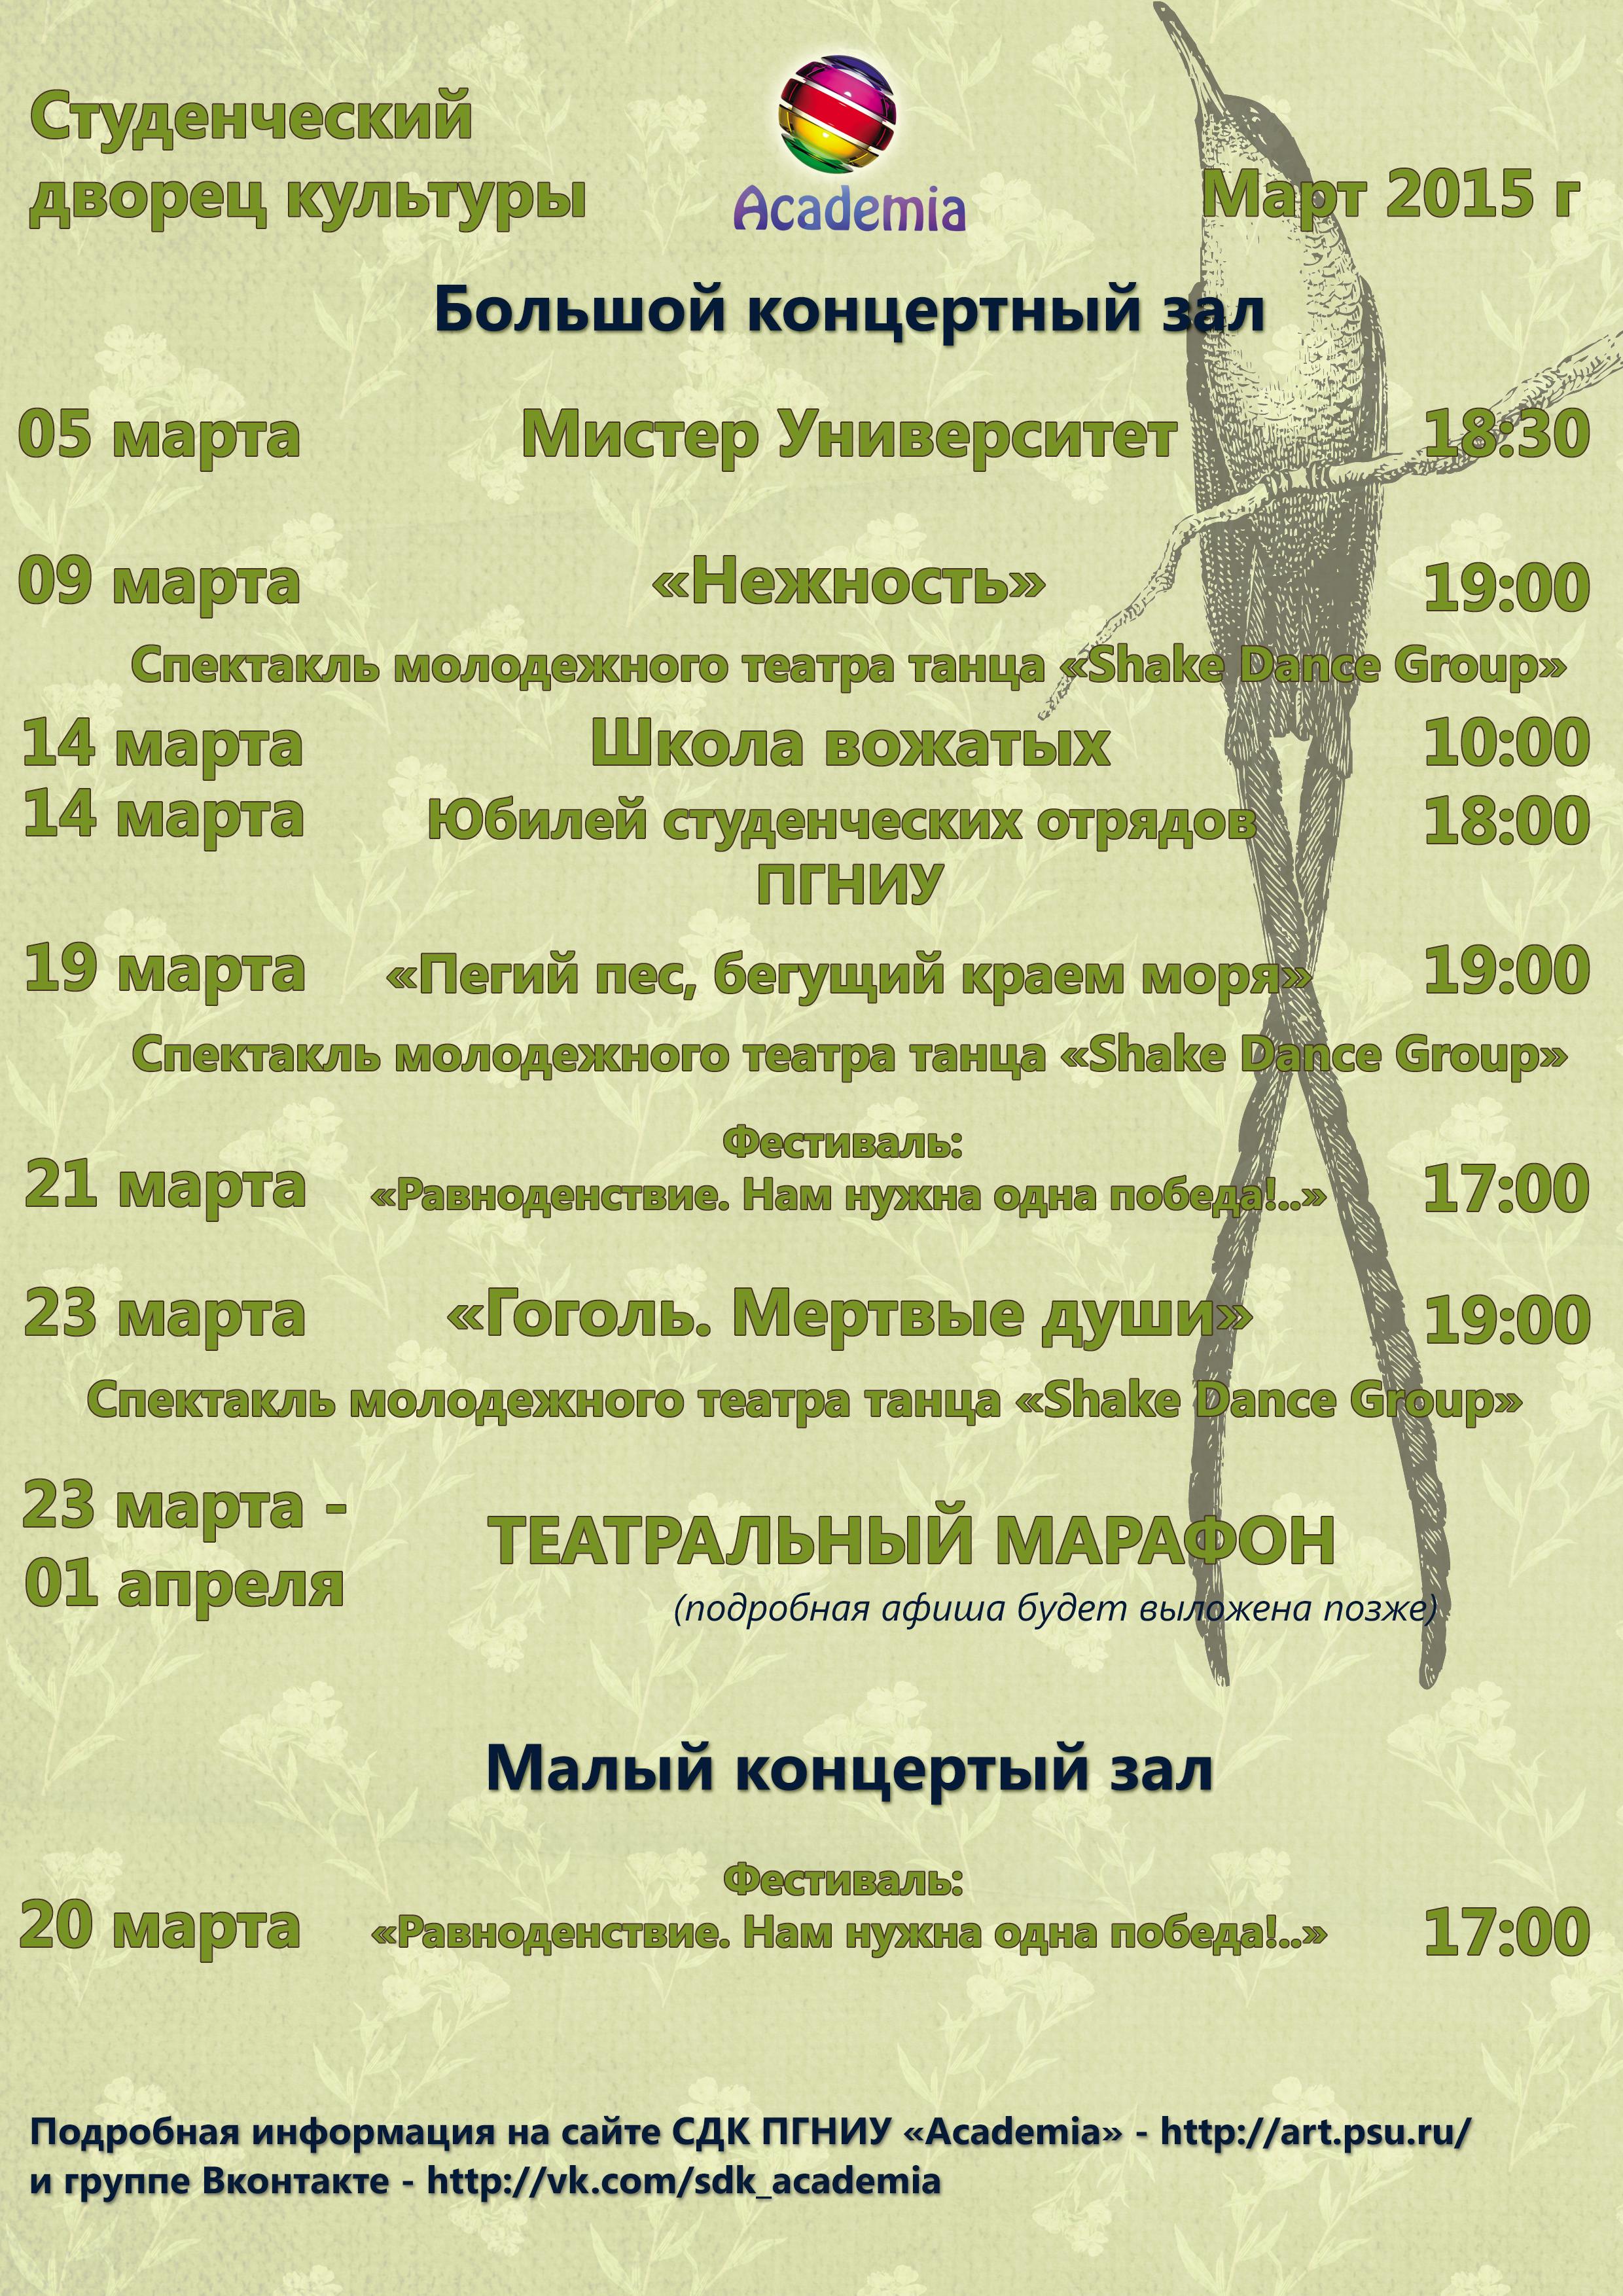 Афиша мероприятий СДК ПГНИУ на МАРТ!